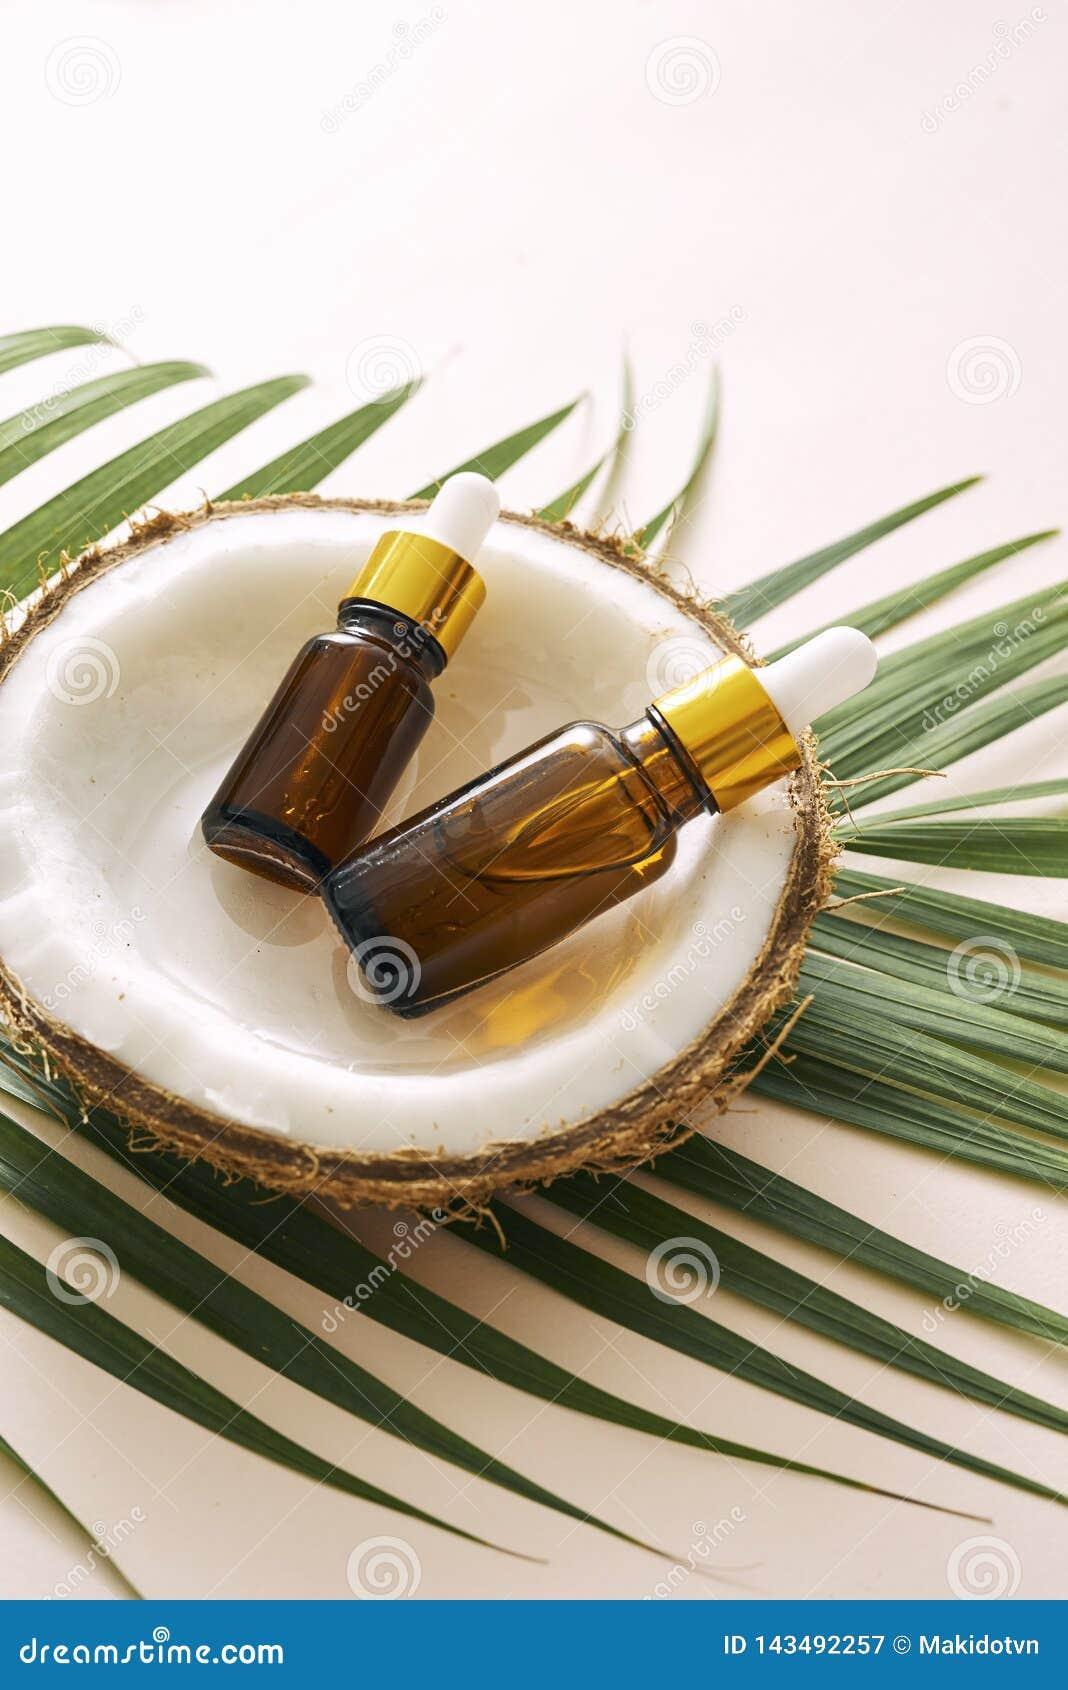 Έλαιο καρύδων στο μπουκάλι με τα ανοικτά καρύδια και πολτός στο βάζο, πράσινο υπόβαθρο φύλλων φοινικών Φυσικά καλλυντικά προϊόντα